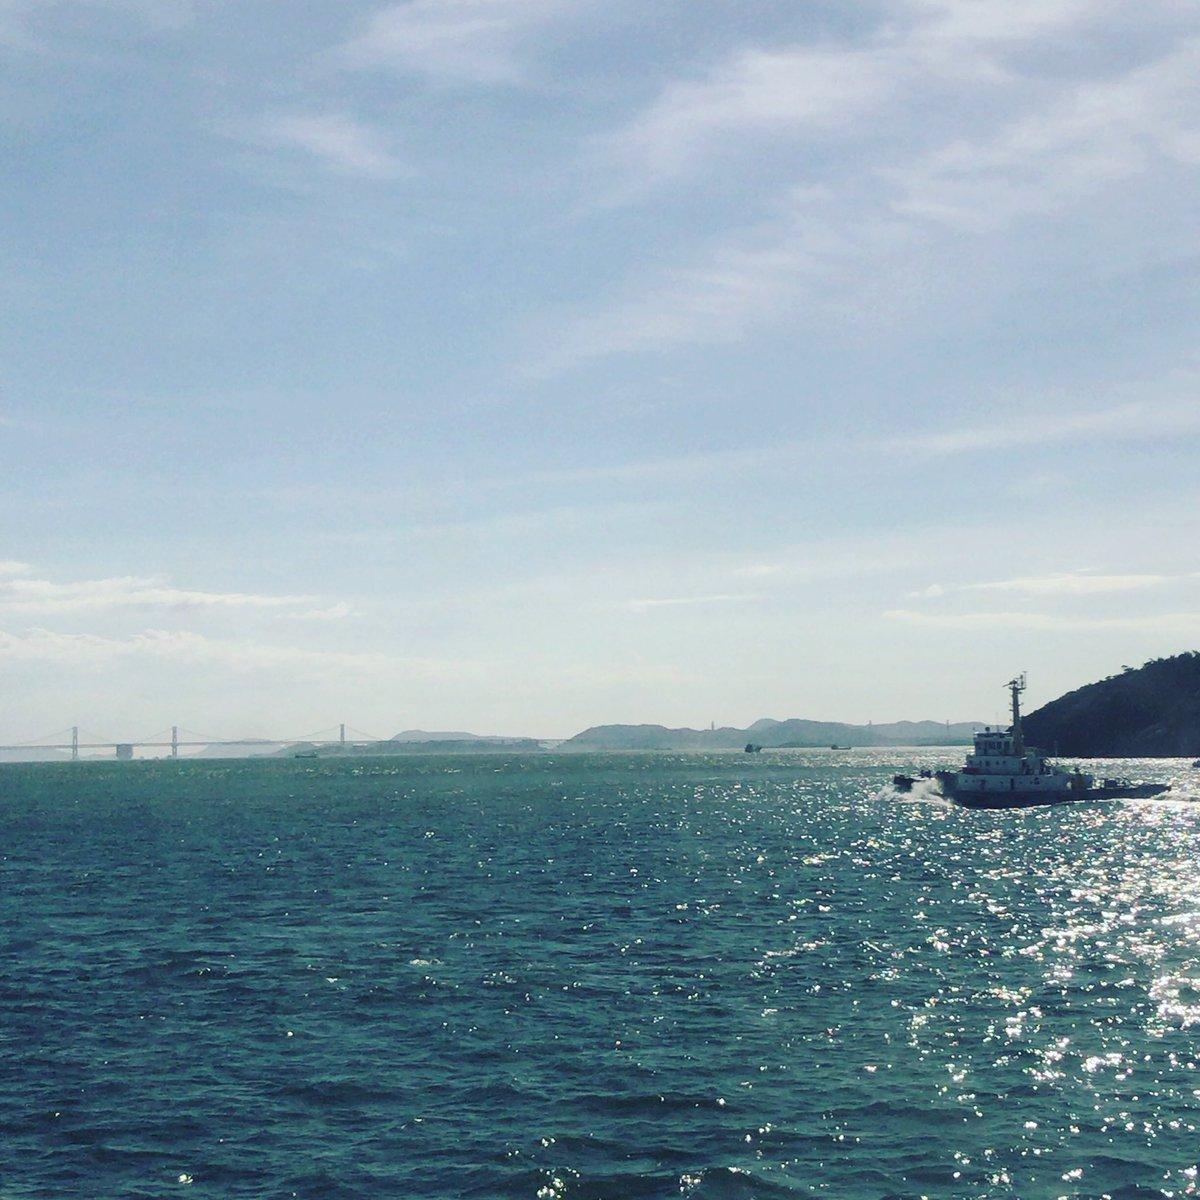 test ツイッターメディア - @STU48_member_ 海のそばで育った者としては、 穏やかな海の風景を見ると落ち着くんだよね☺️ 宇和島の辺り…法令によっては豊後水道の北部も瀬戸内海に含まれるみたいなので、ギリ瀬戸内かな😓  ではこちらも海を貼りたくなったので、 先日のさぬき高松まつりに行く際、フェリーから撮ったものを。 https://t.co/f27ZU4xvW7